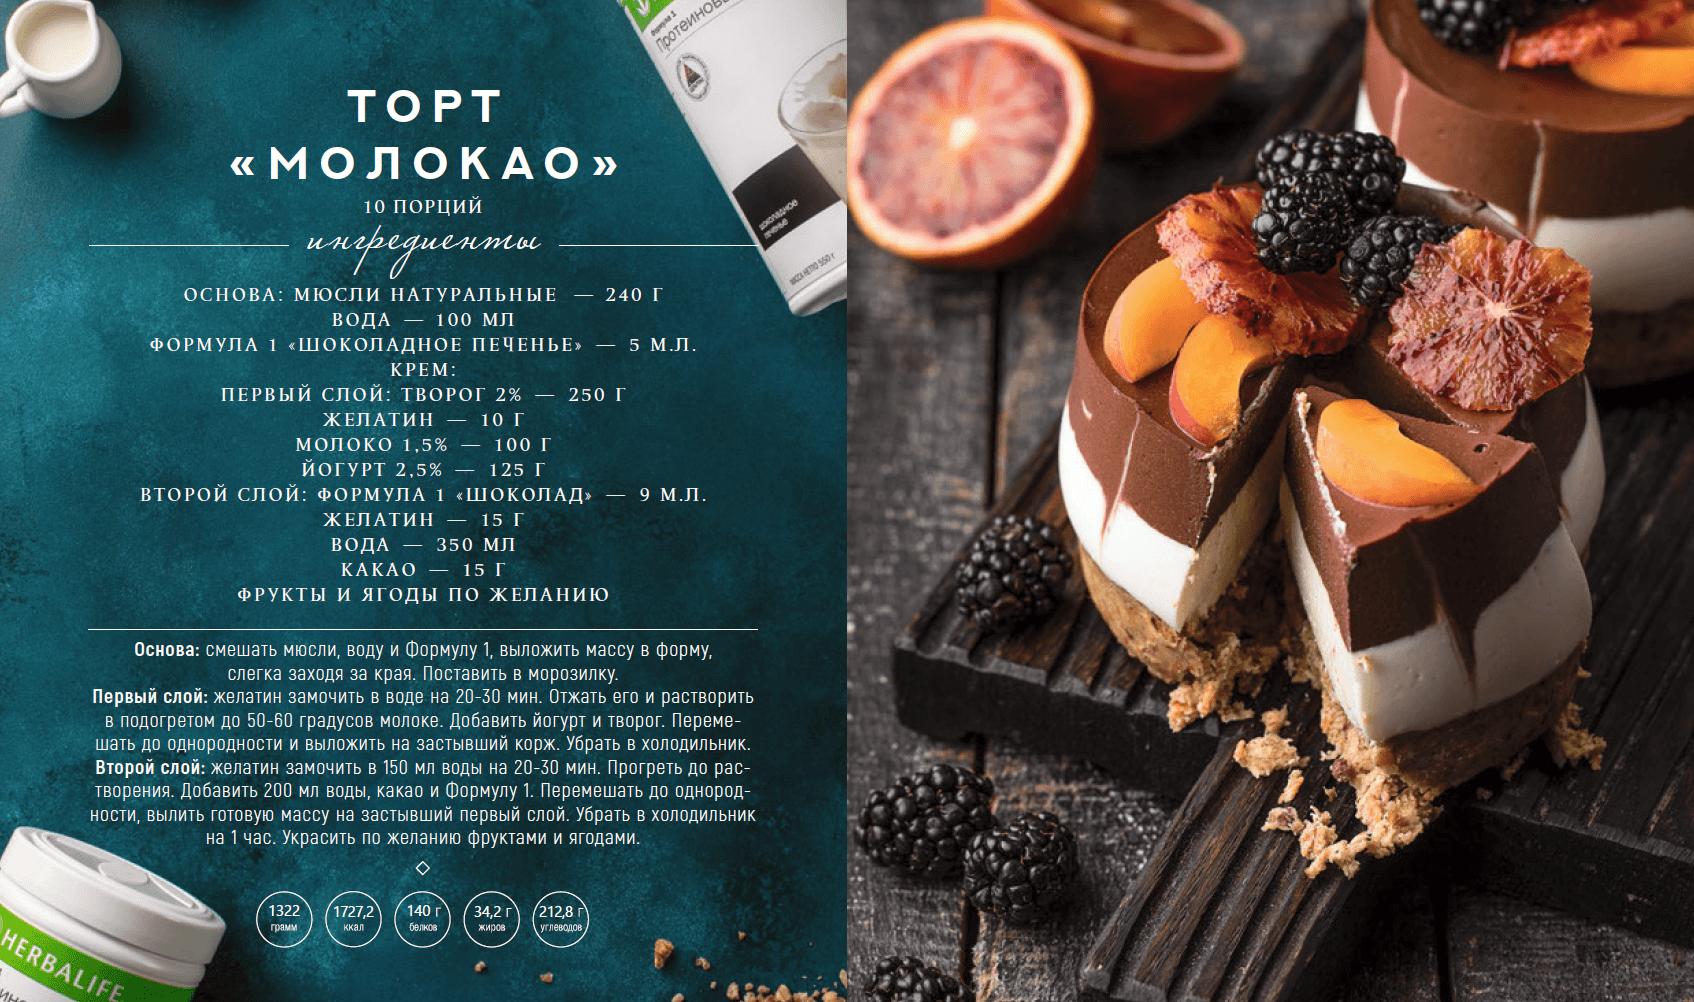 торт молокао рецепт гербалайф